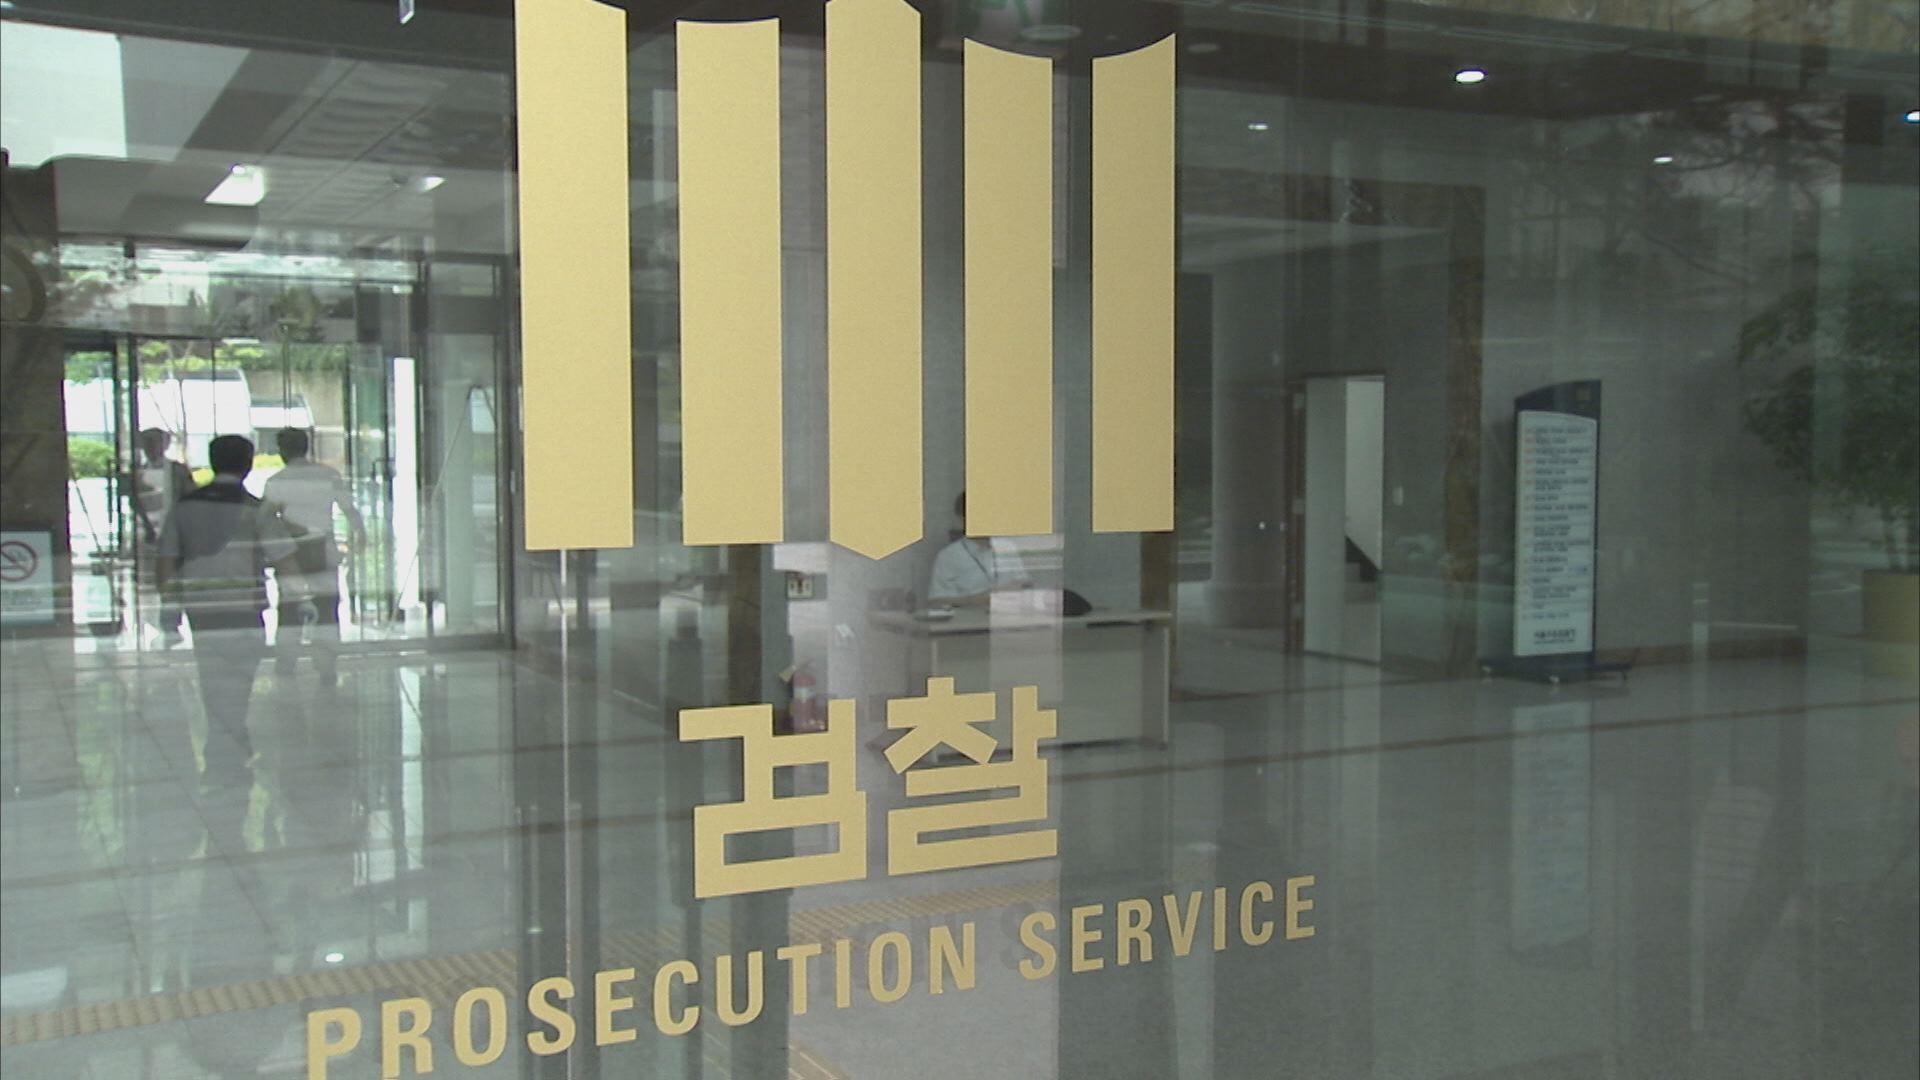 조국 장관 5촌 조카 구속…정경심 교수 소환 임박 관측